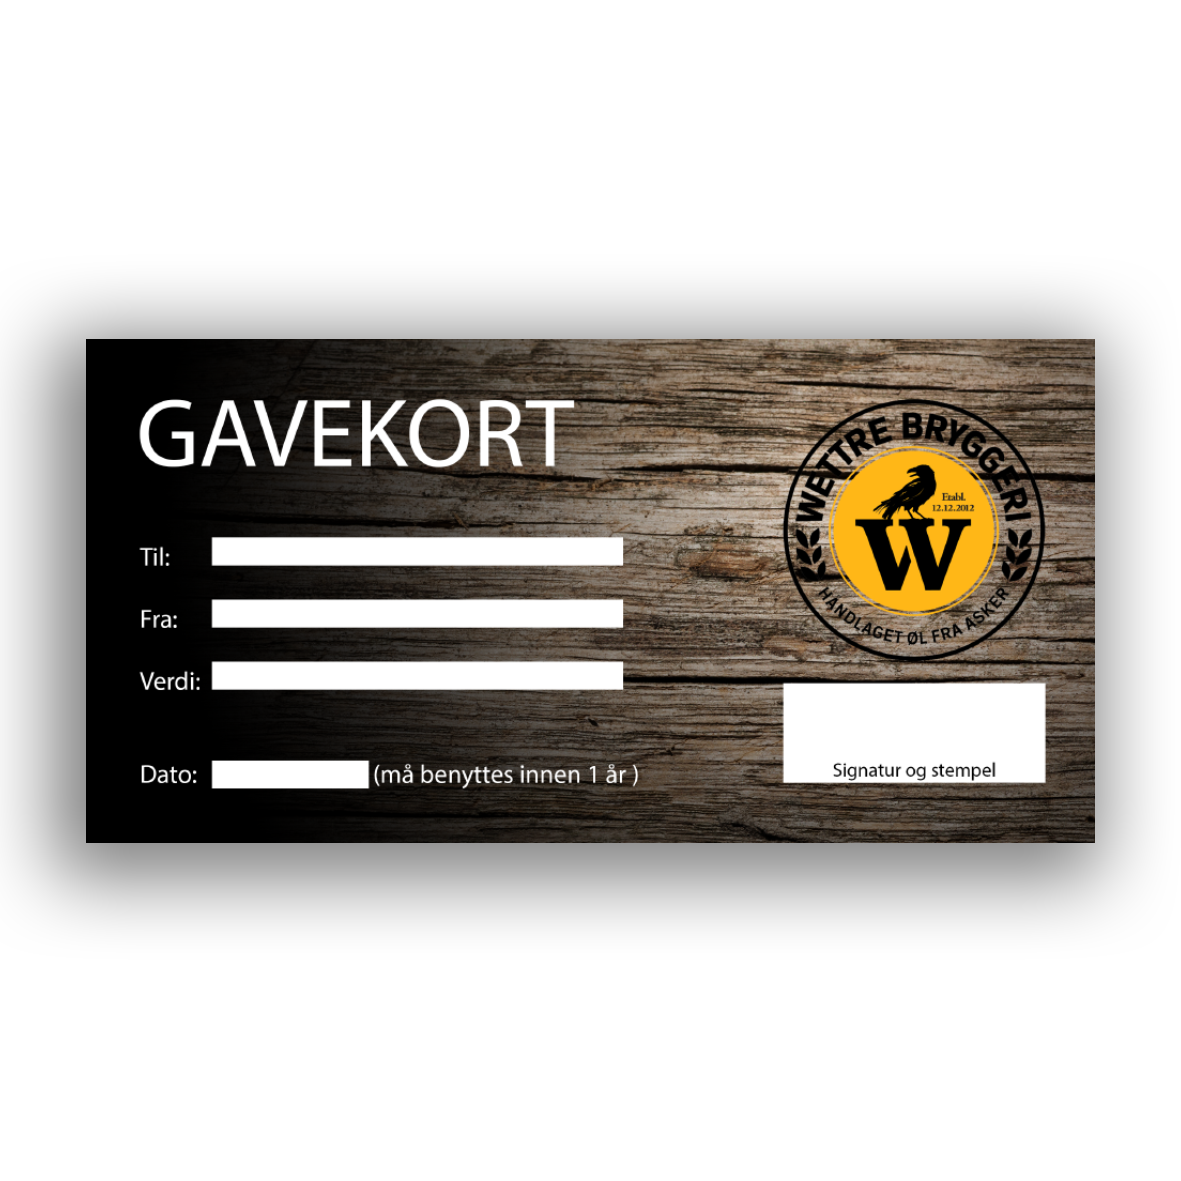 Gavekort fra Wettre Bryggeri